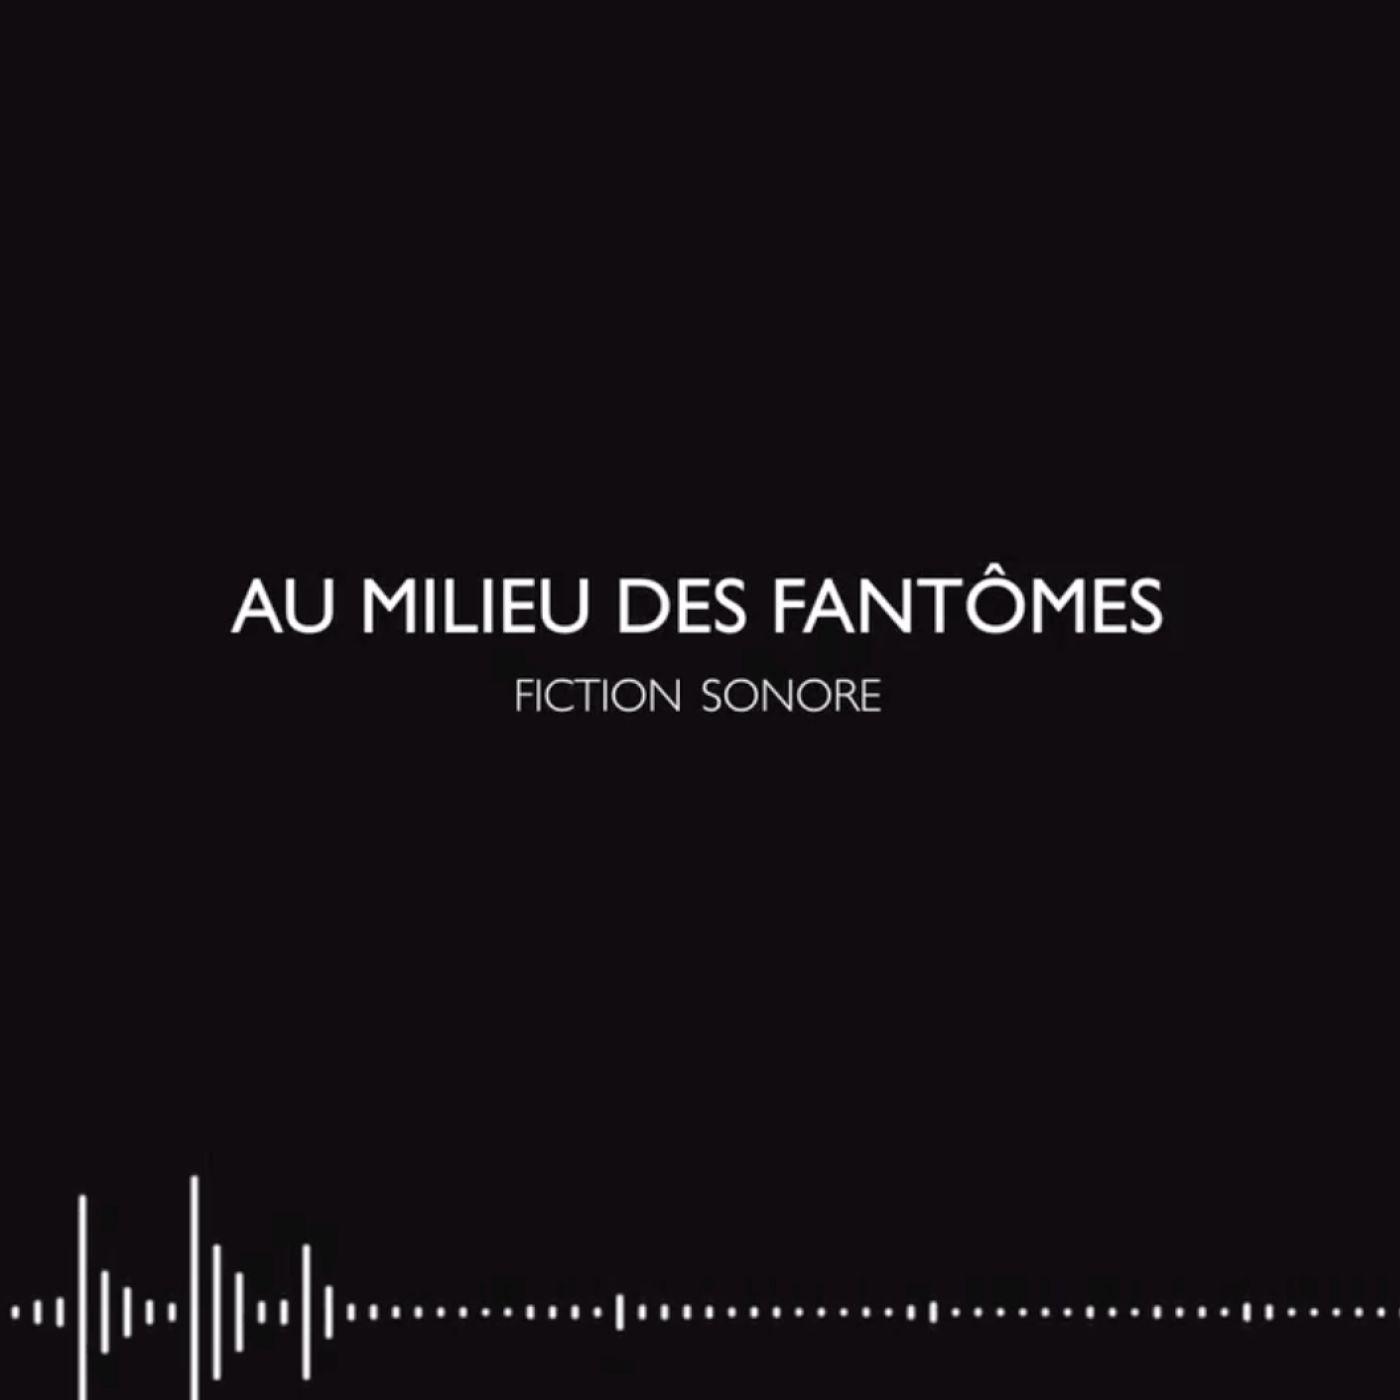 """E14 FICTION : """"Au milieu des fantômes"""" Épisode 14 : Le final !"""